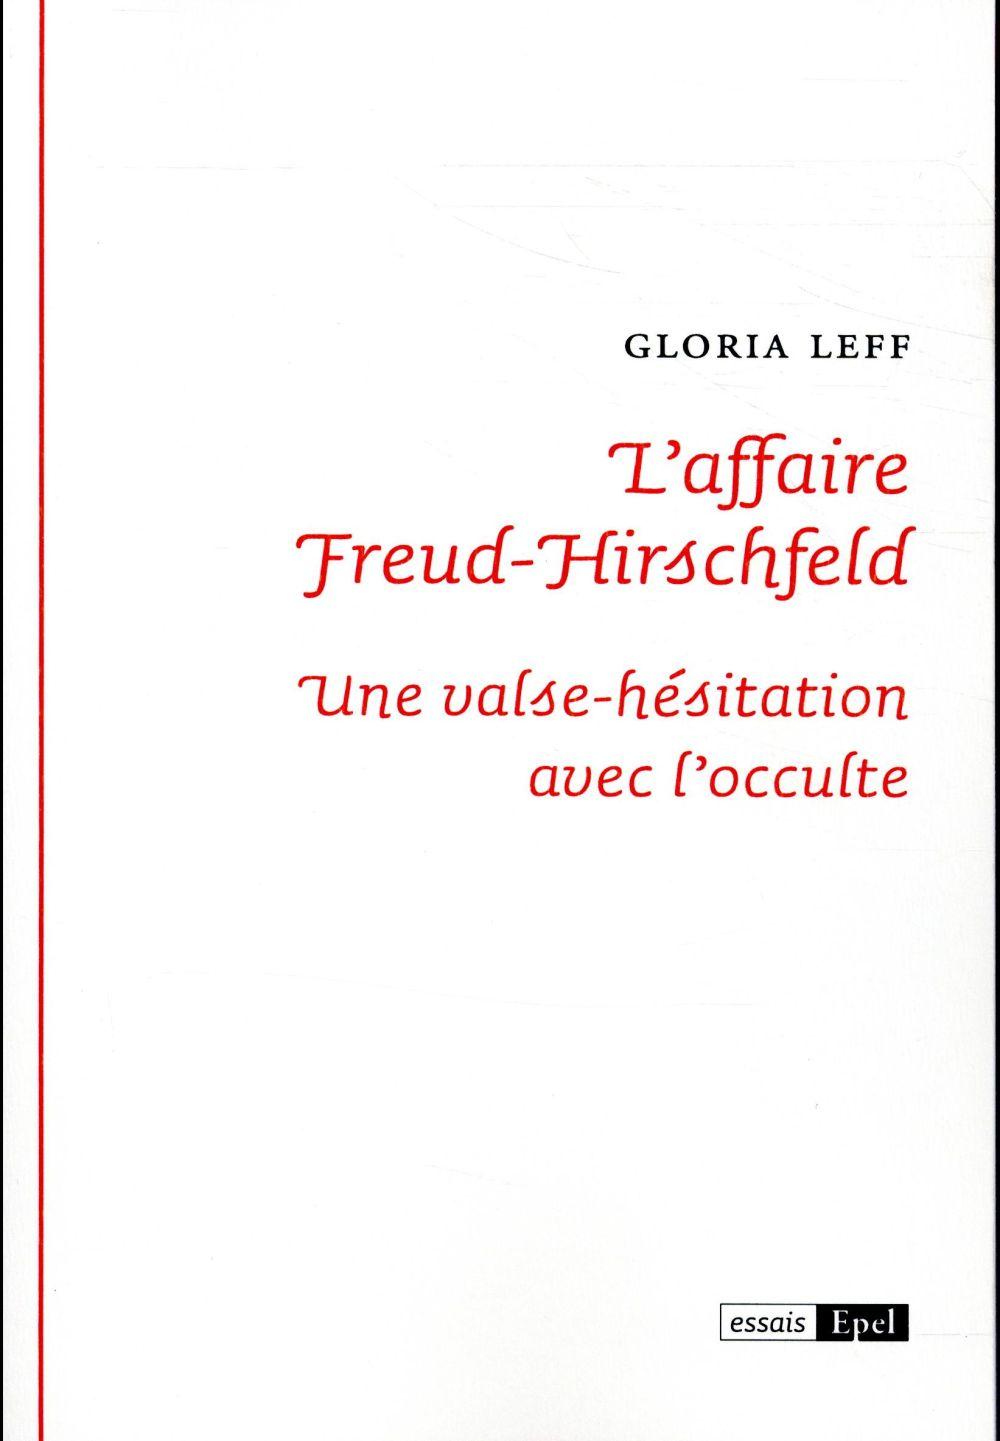 L AFFAIRE FREUD-HIRSCHFELD. VALSE HESITATION AUTOUR DE L OCCULTE